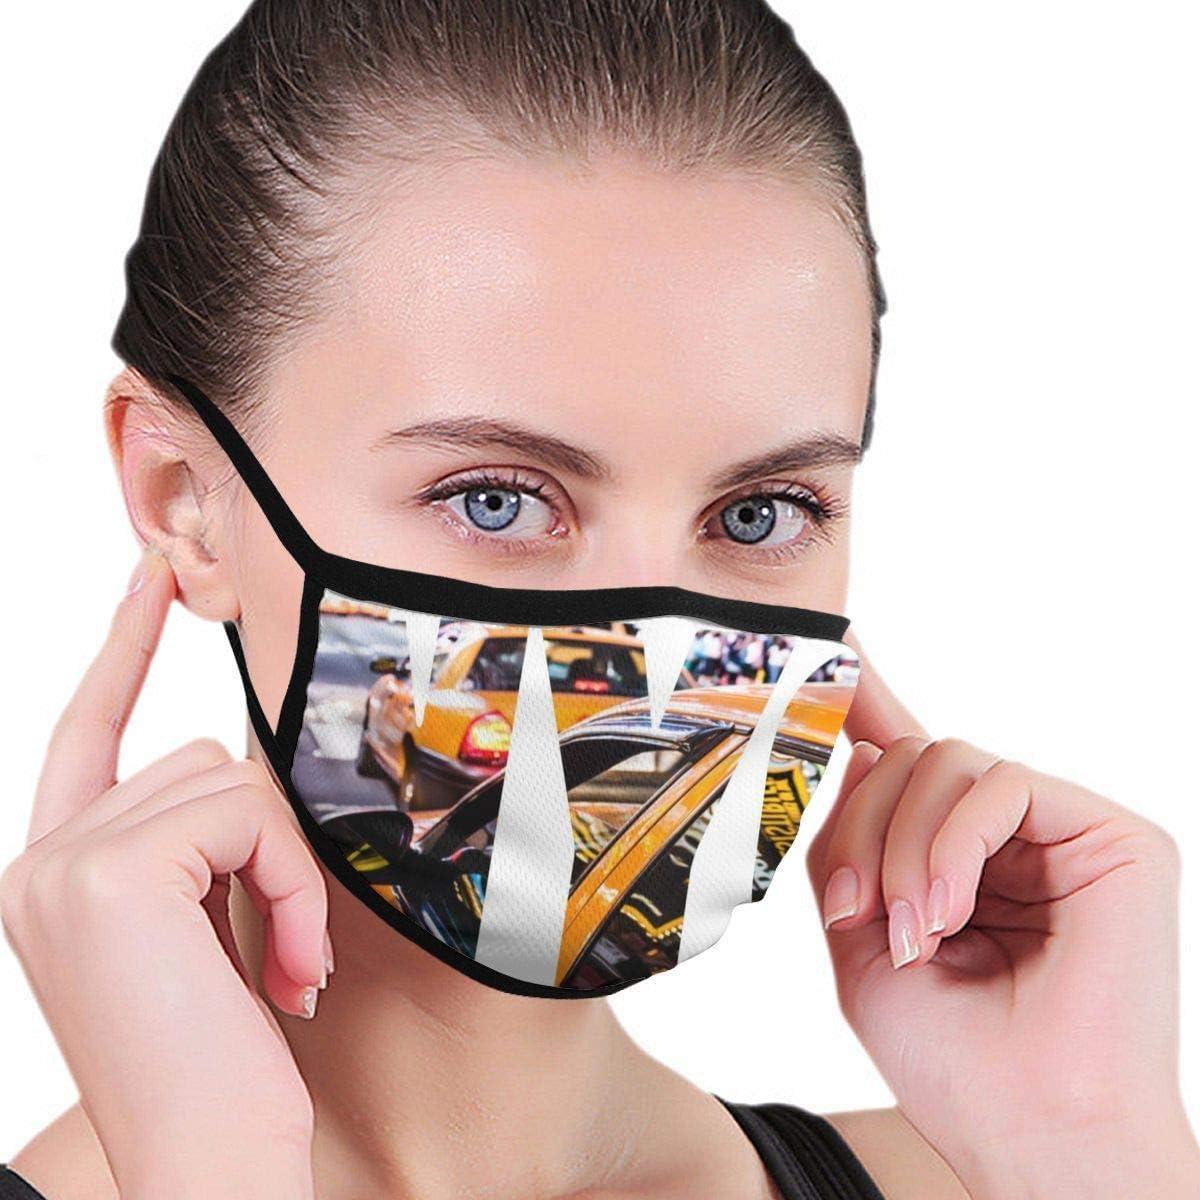 tangdouou Cabina Amarilla Máscara de Nueva York Gráficos para niños y niñas Cubierta de Boca Impresa a Prueba de Polvo Máscara Boca a Prueba de Viento Mufla